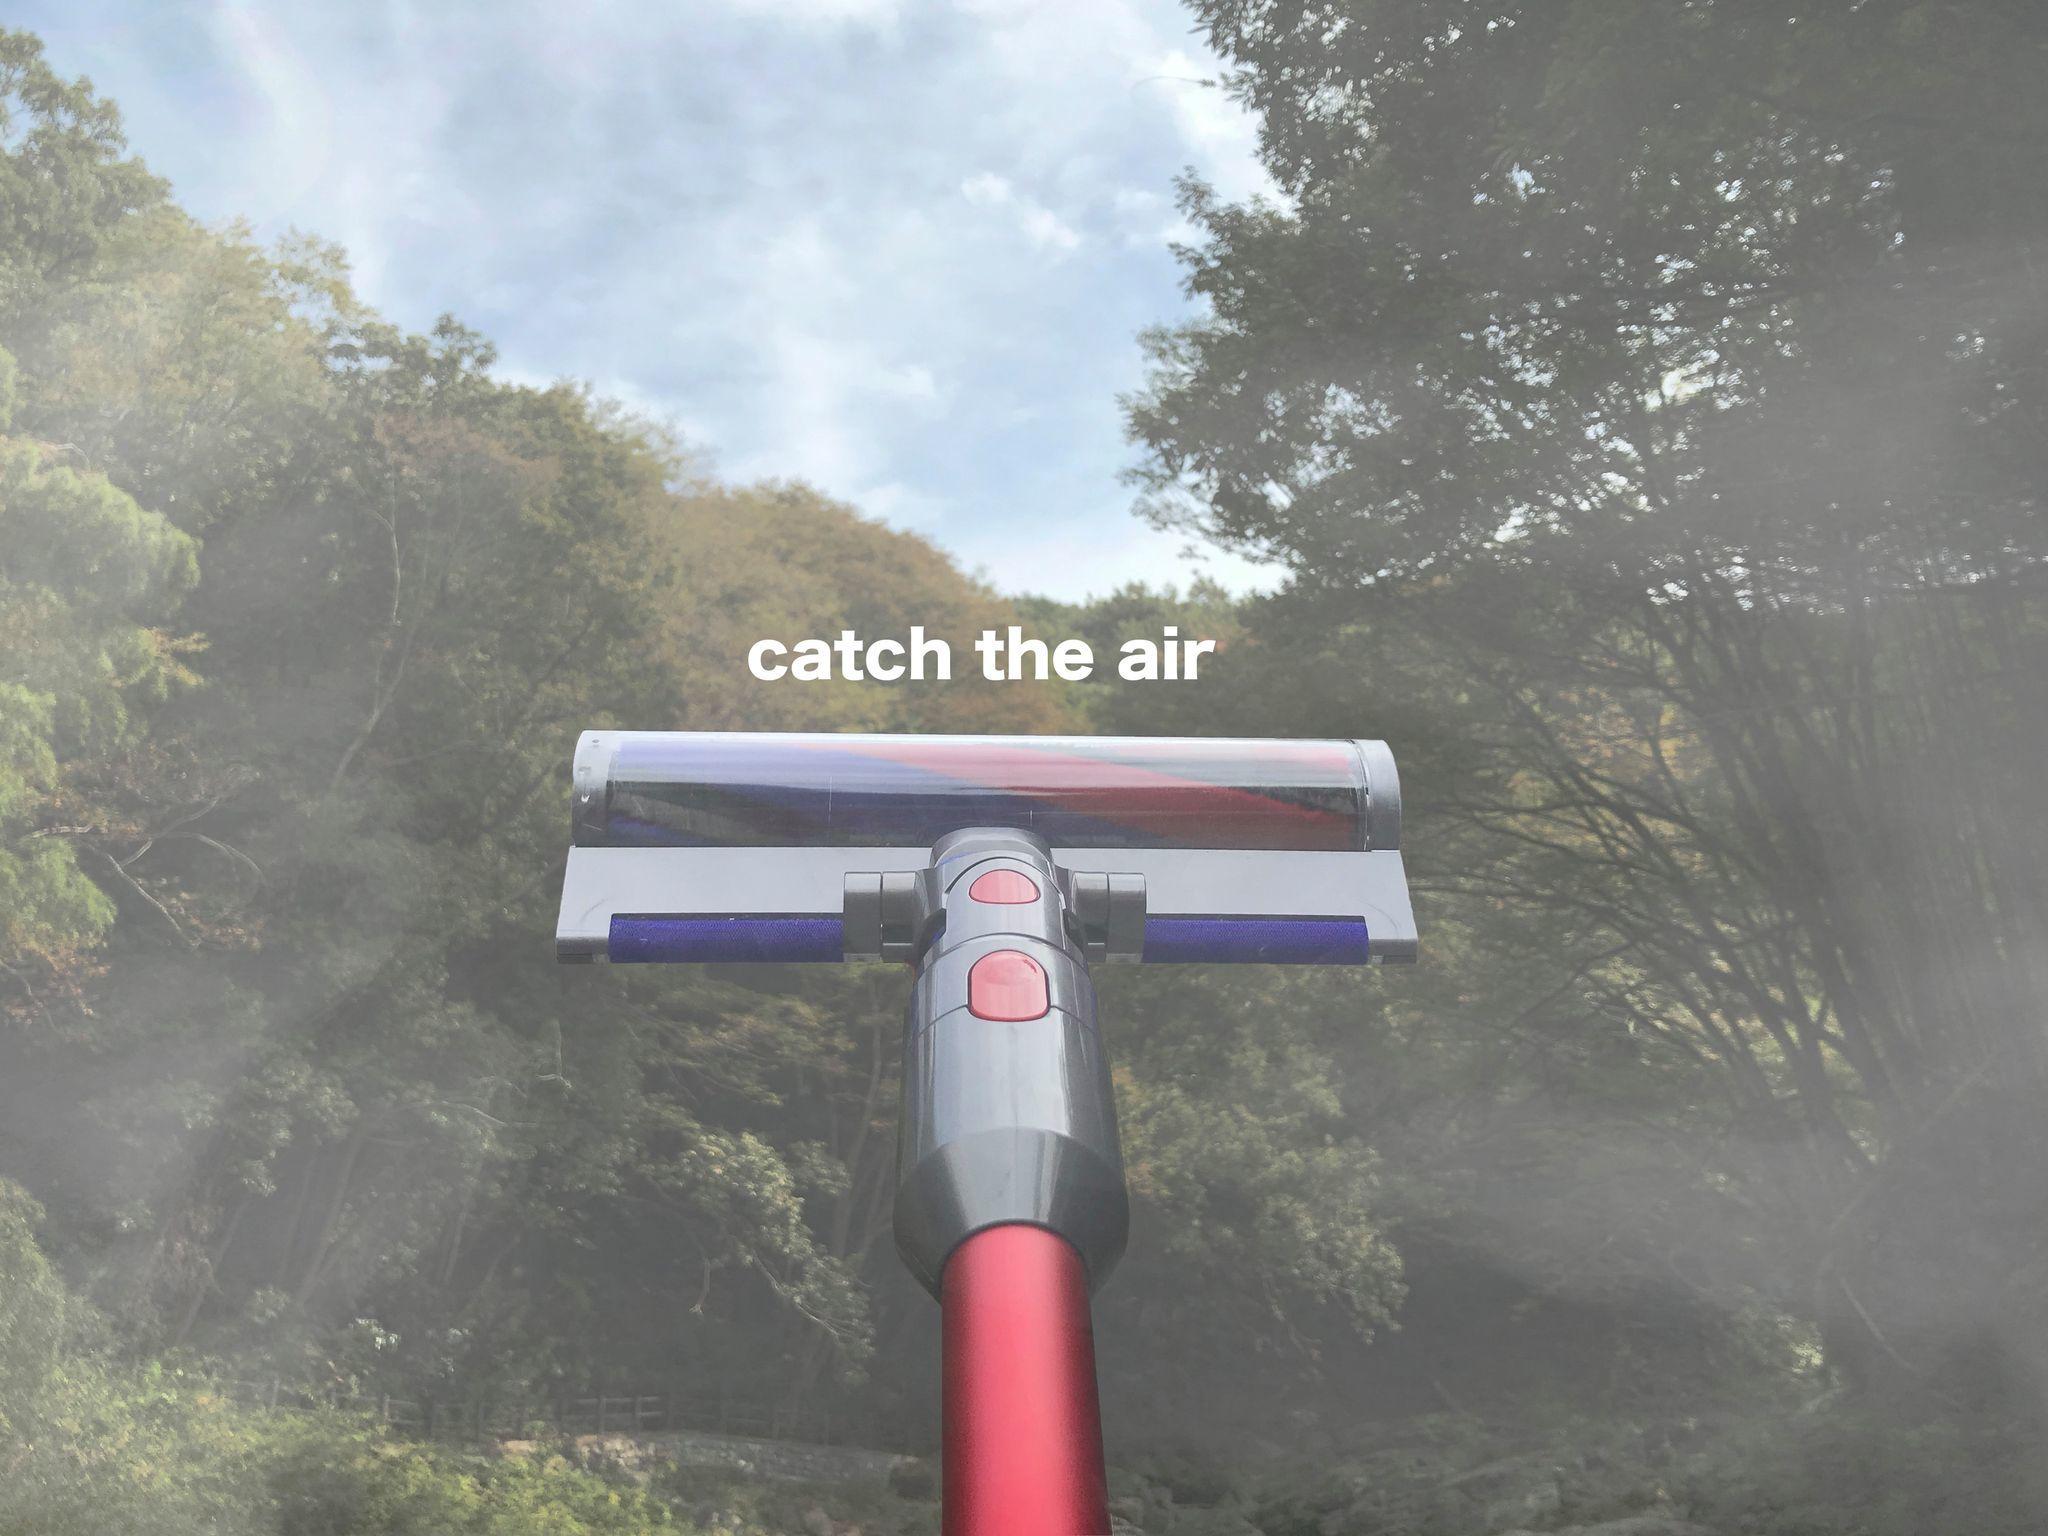 二藤建人「catch the air」のお知らせ_b0123836_17171863.jpg